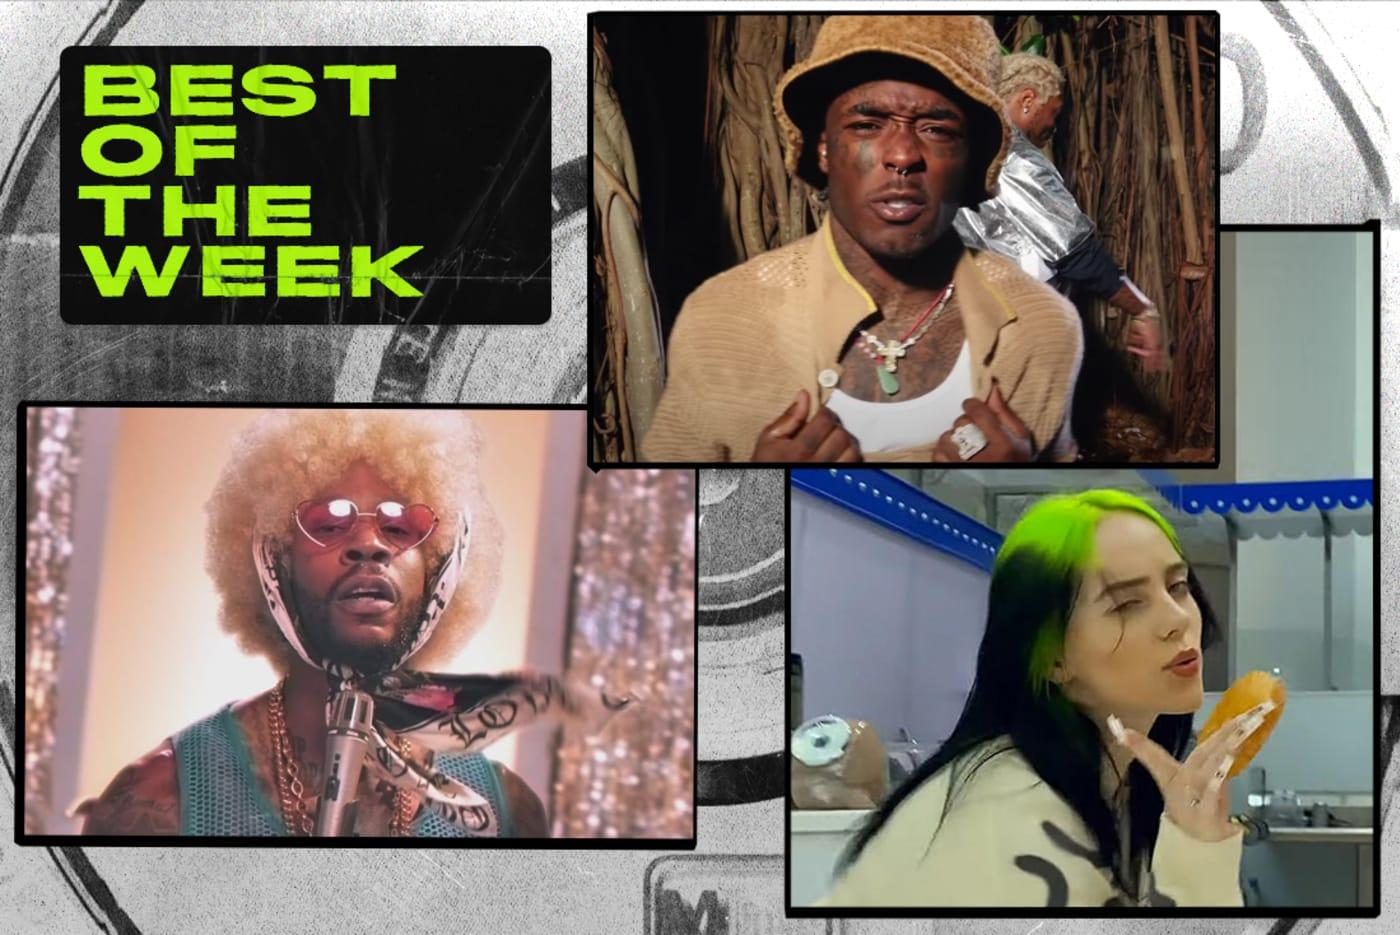 best new music 2 chainz uzi future billie